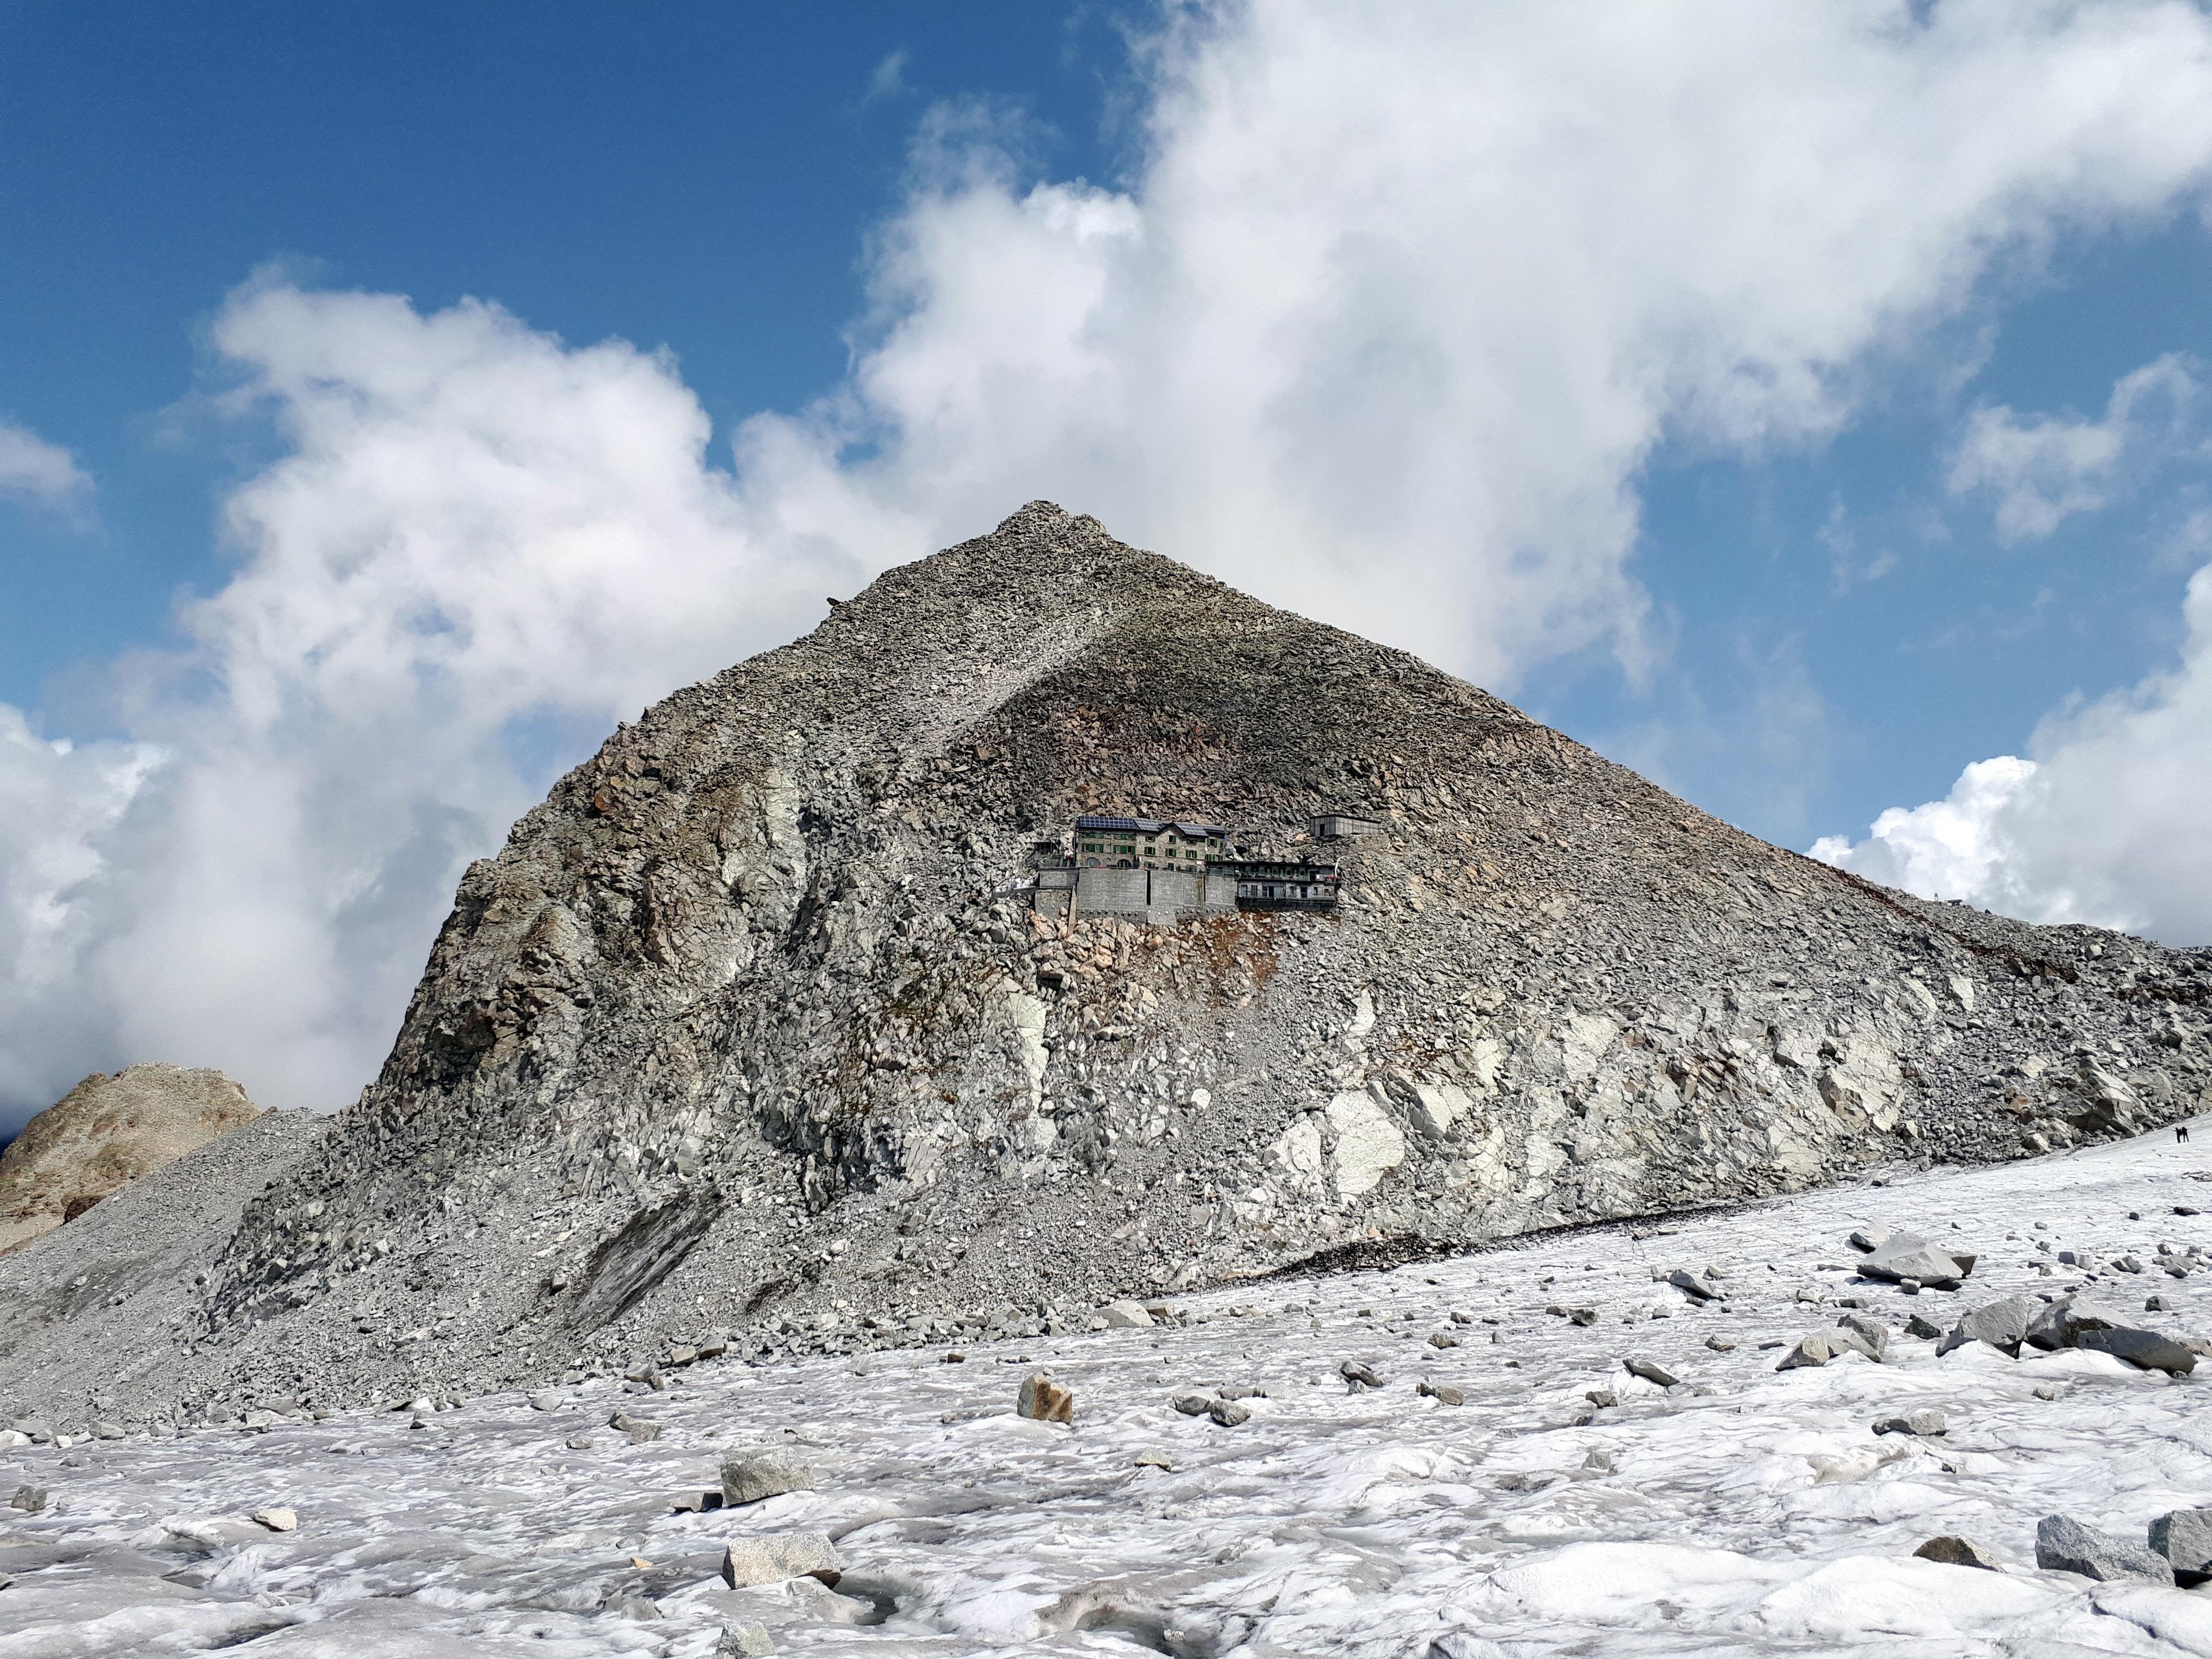 siamo ora sul ghiacciaio di fronte ai Caduti dell'Adamello: abbiamo camminato a lungo sulle rocce per evitare una parte particolarmente crepacciata, visto anche il sole a picco!